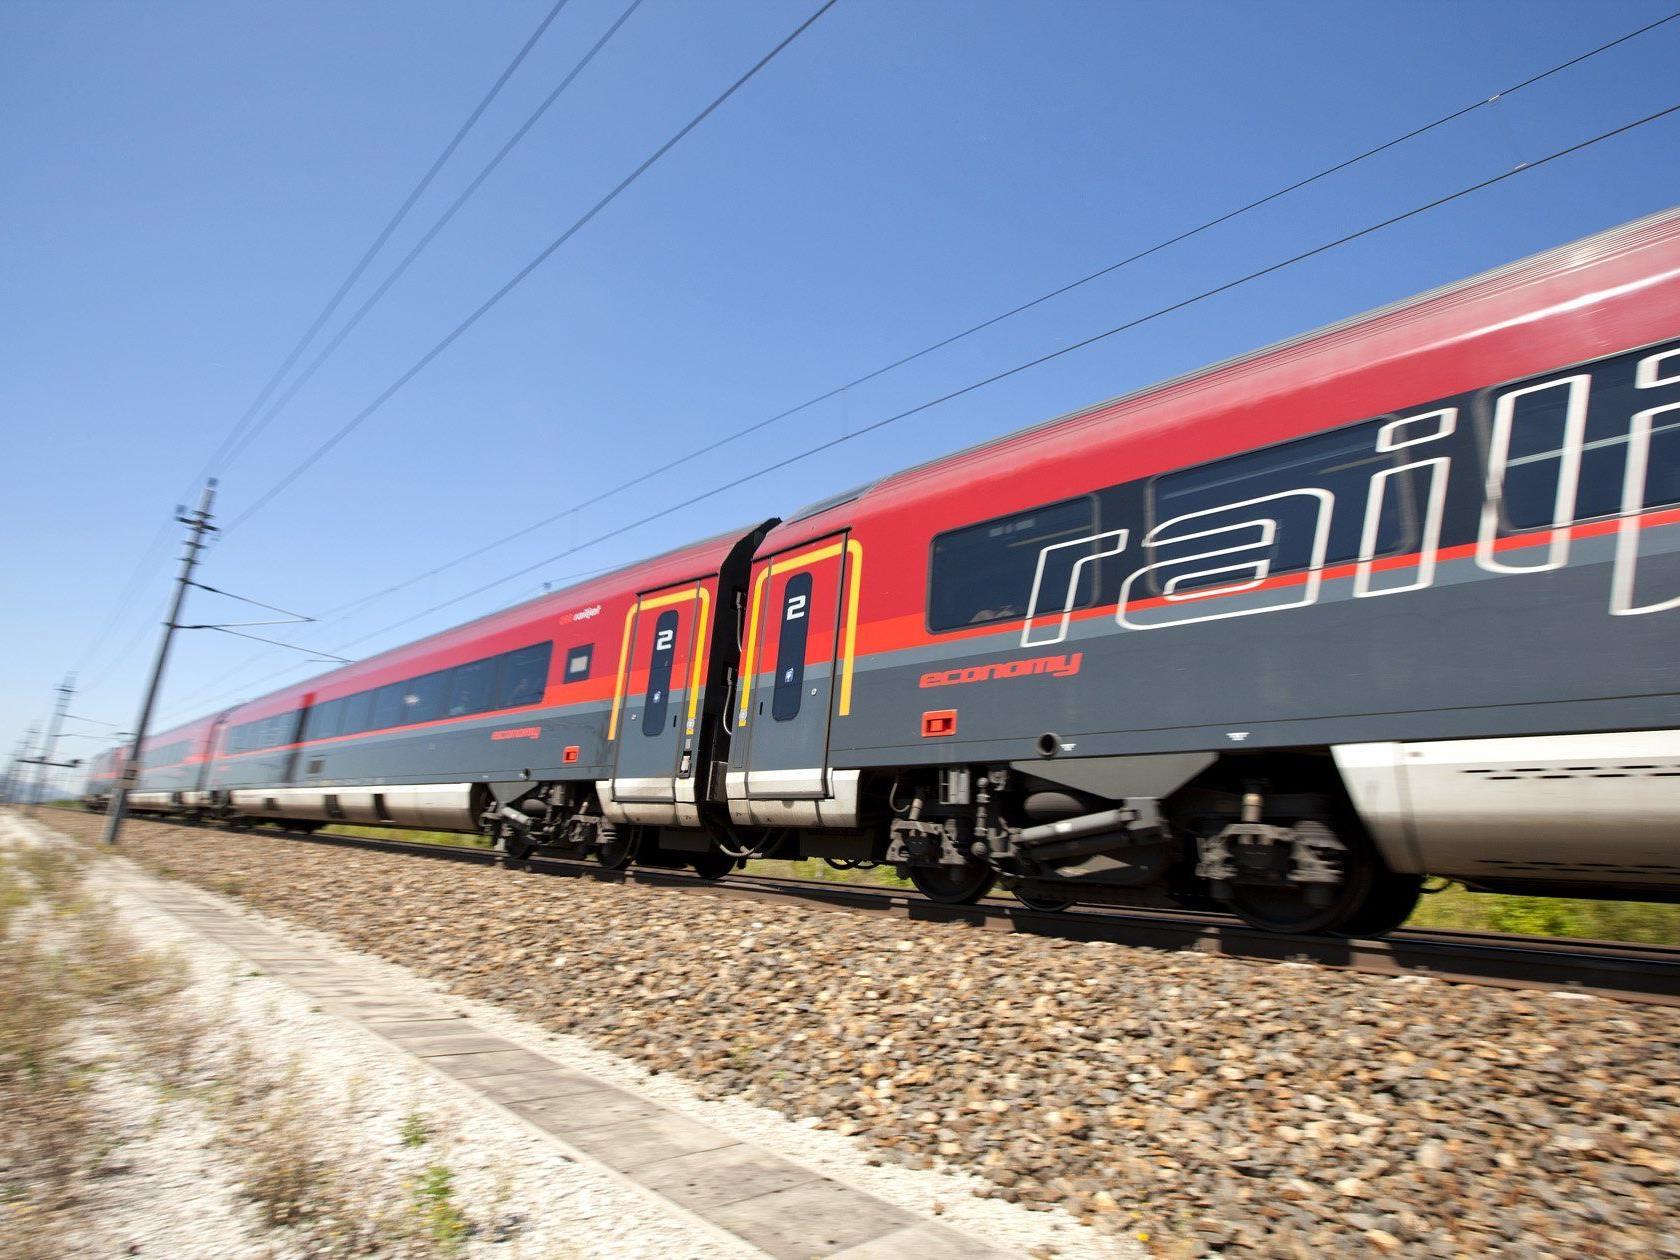 Neuer öbb Fahrplan Europaweit In Kraft Bludenz Volat